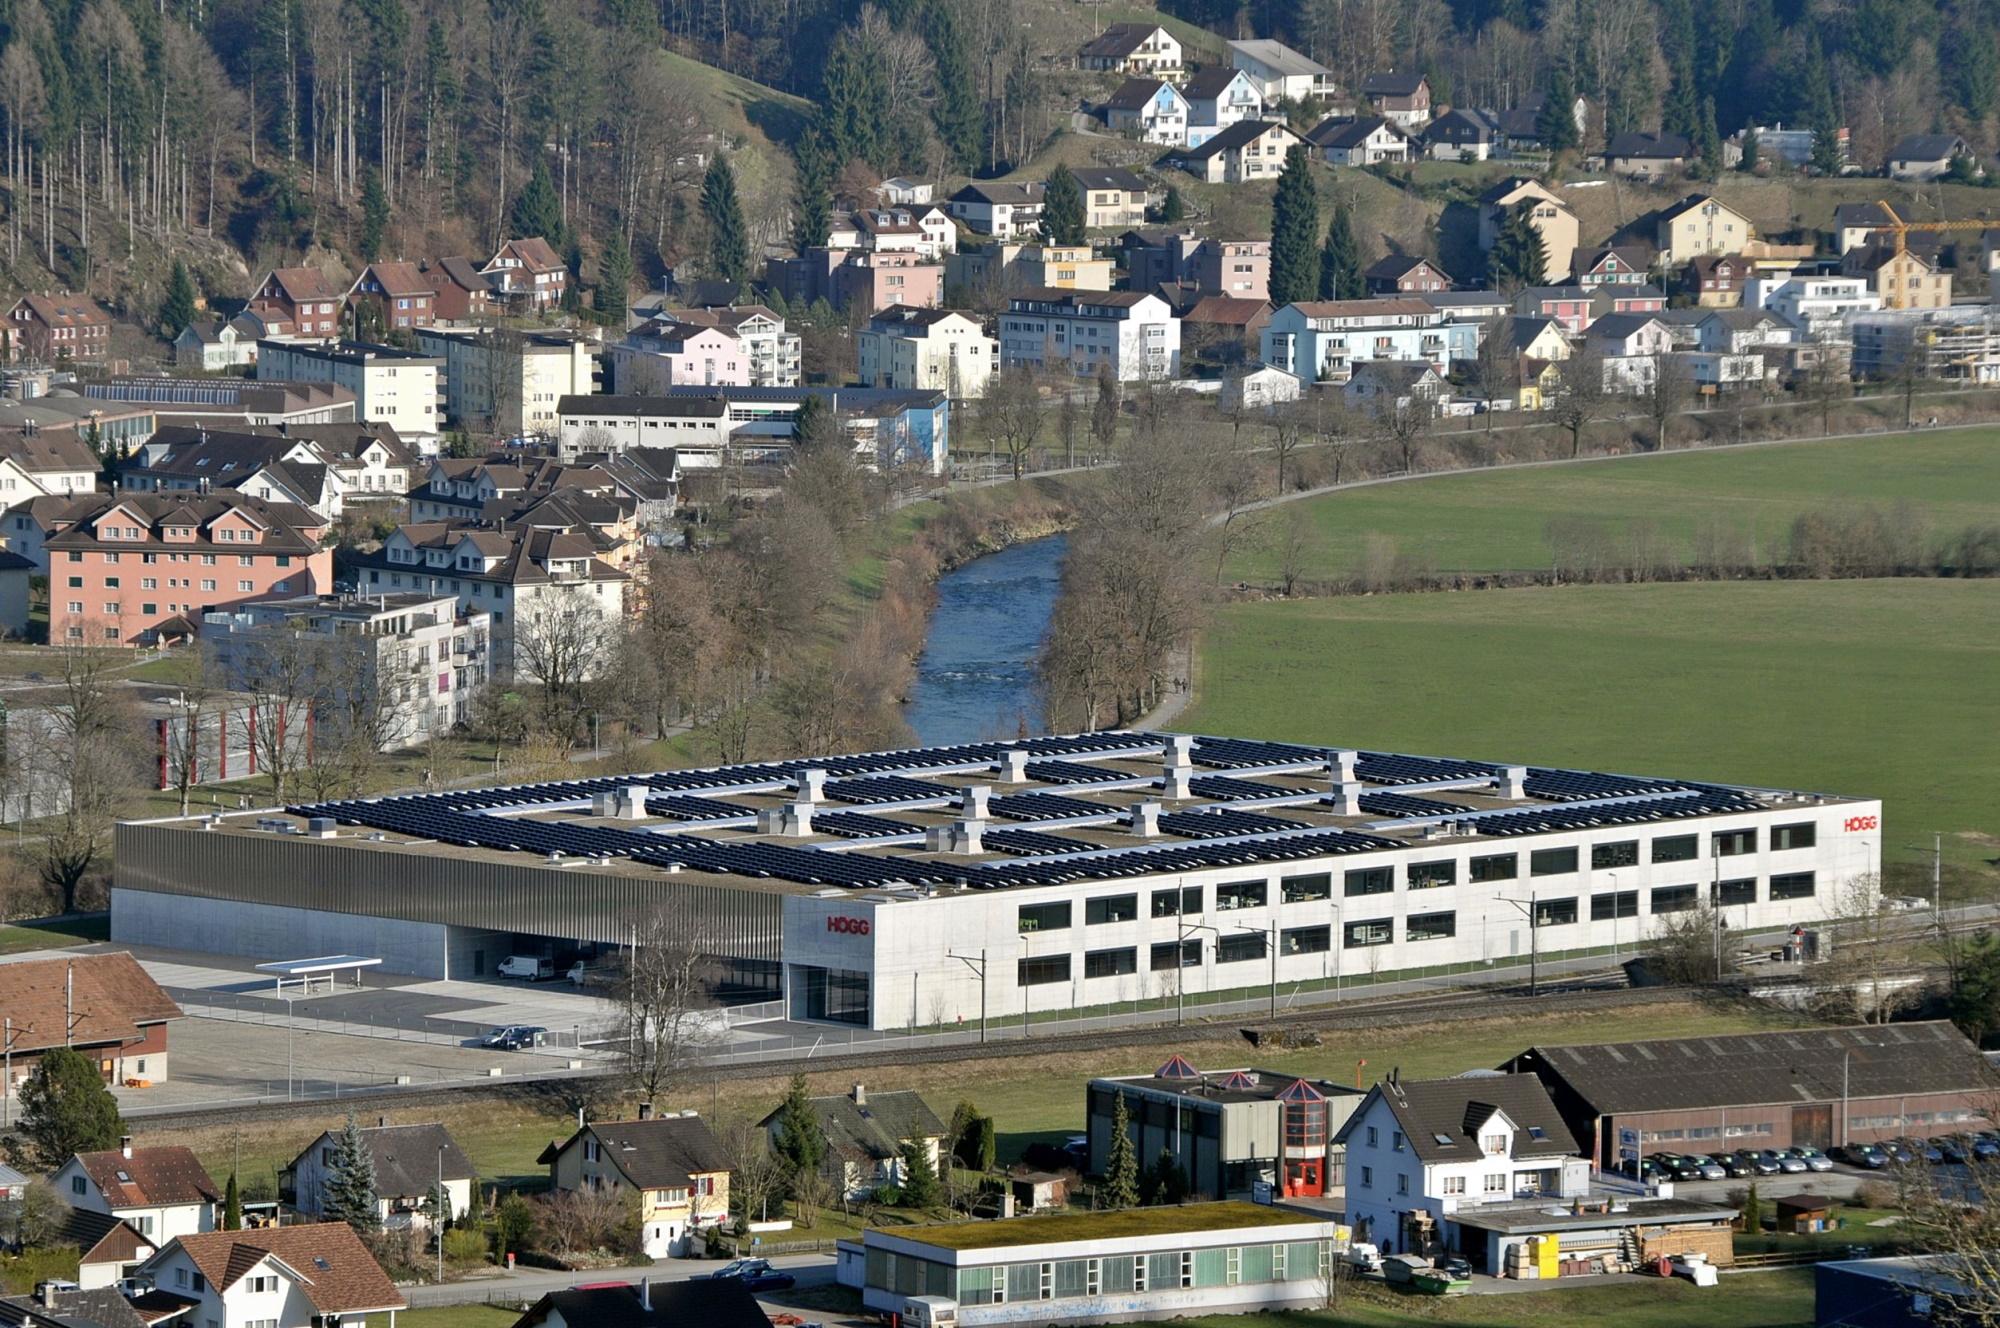 Högg AG Produktionstechnik an der Austrasse 25 in Wattwil (Foto von ca. 2011) - Högg AG Produktionstechnik